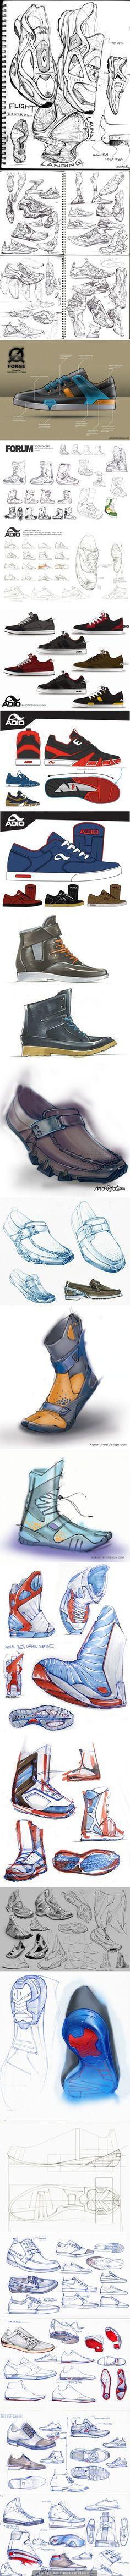 Footwear by Aaron Street